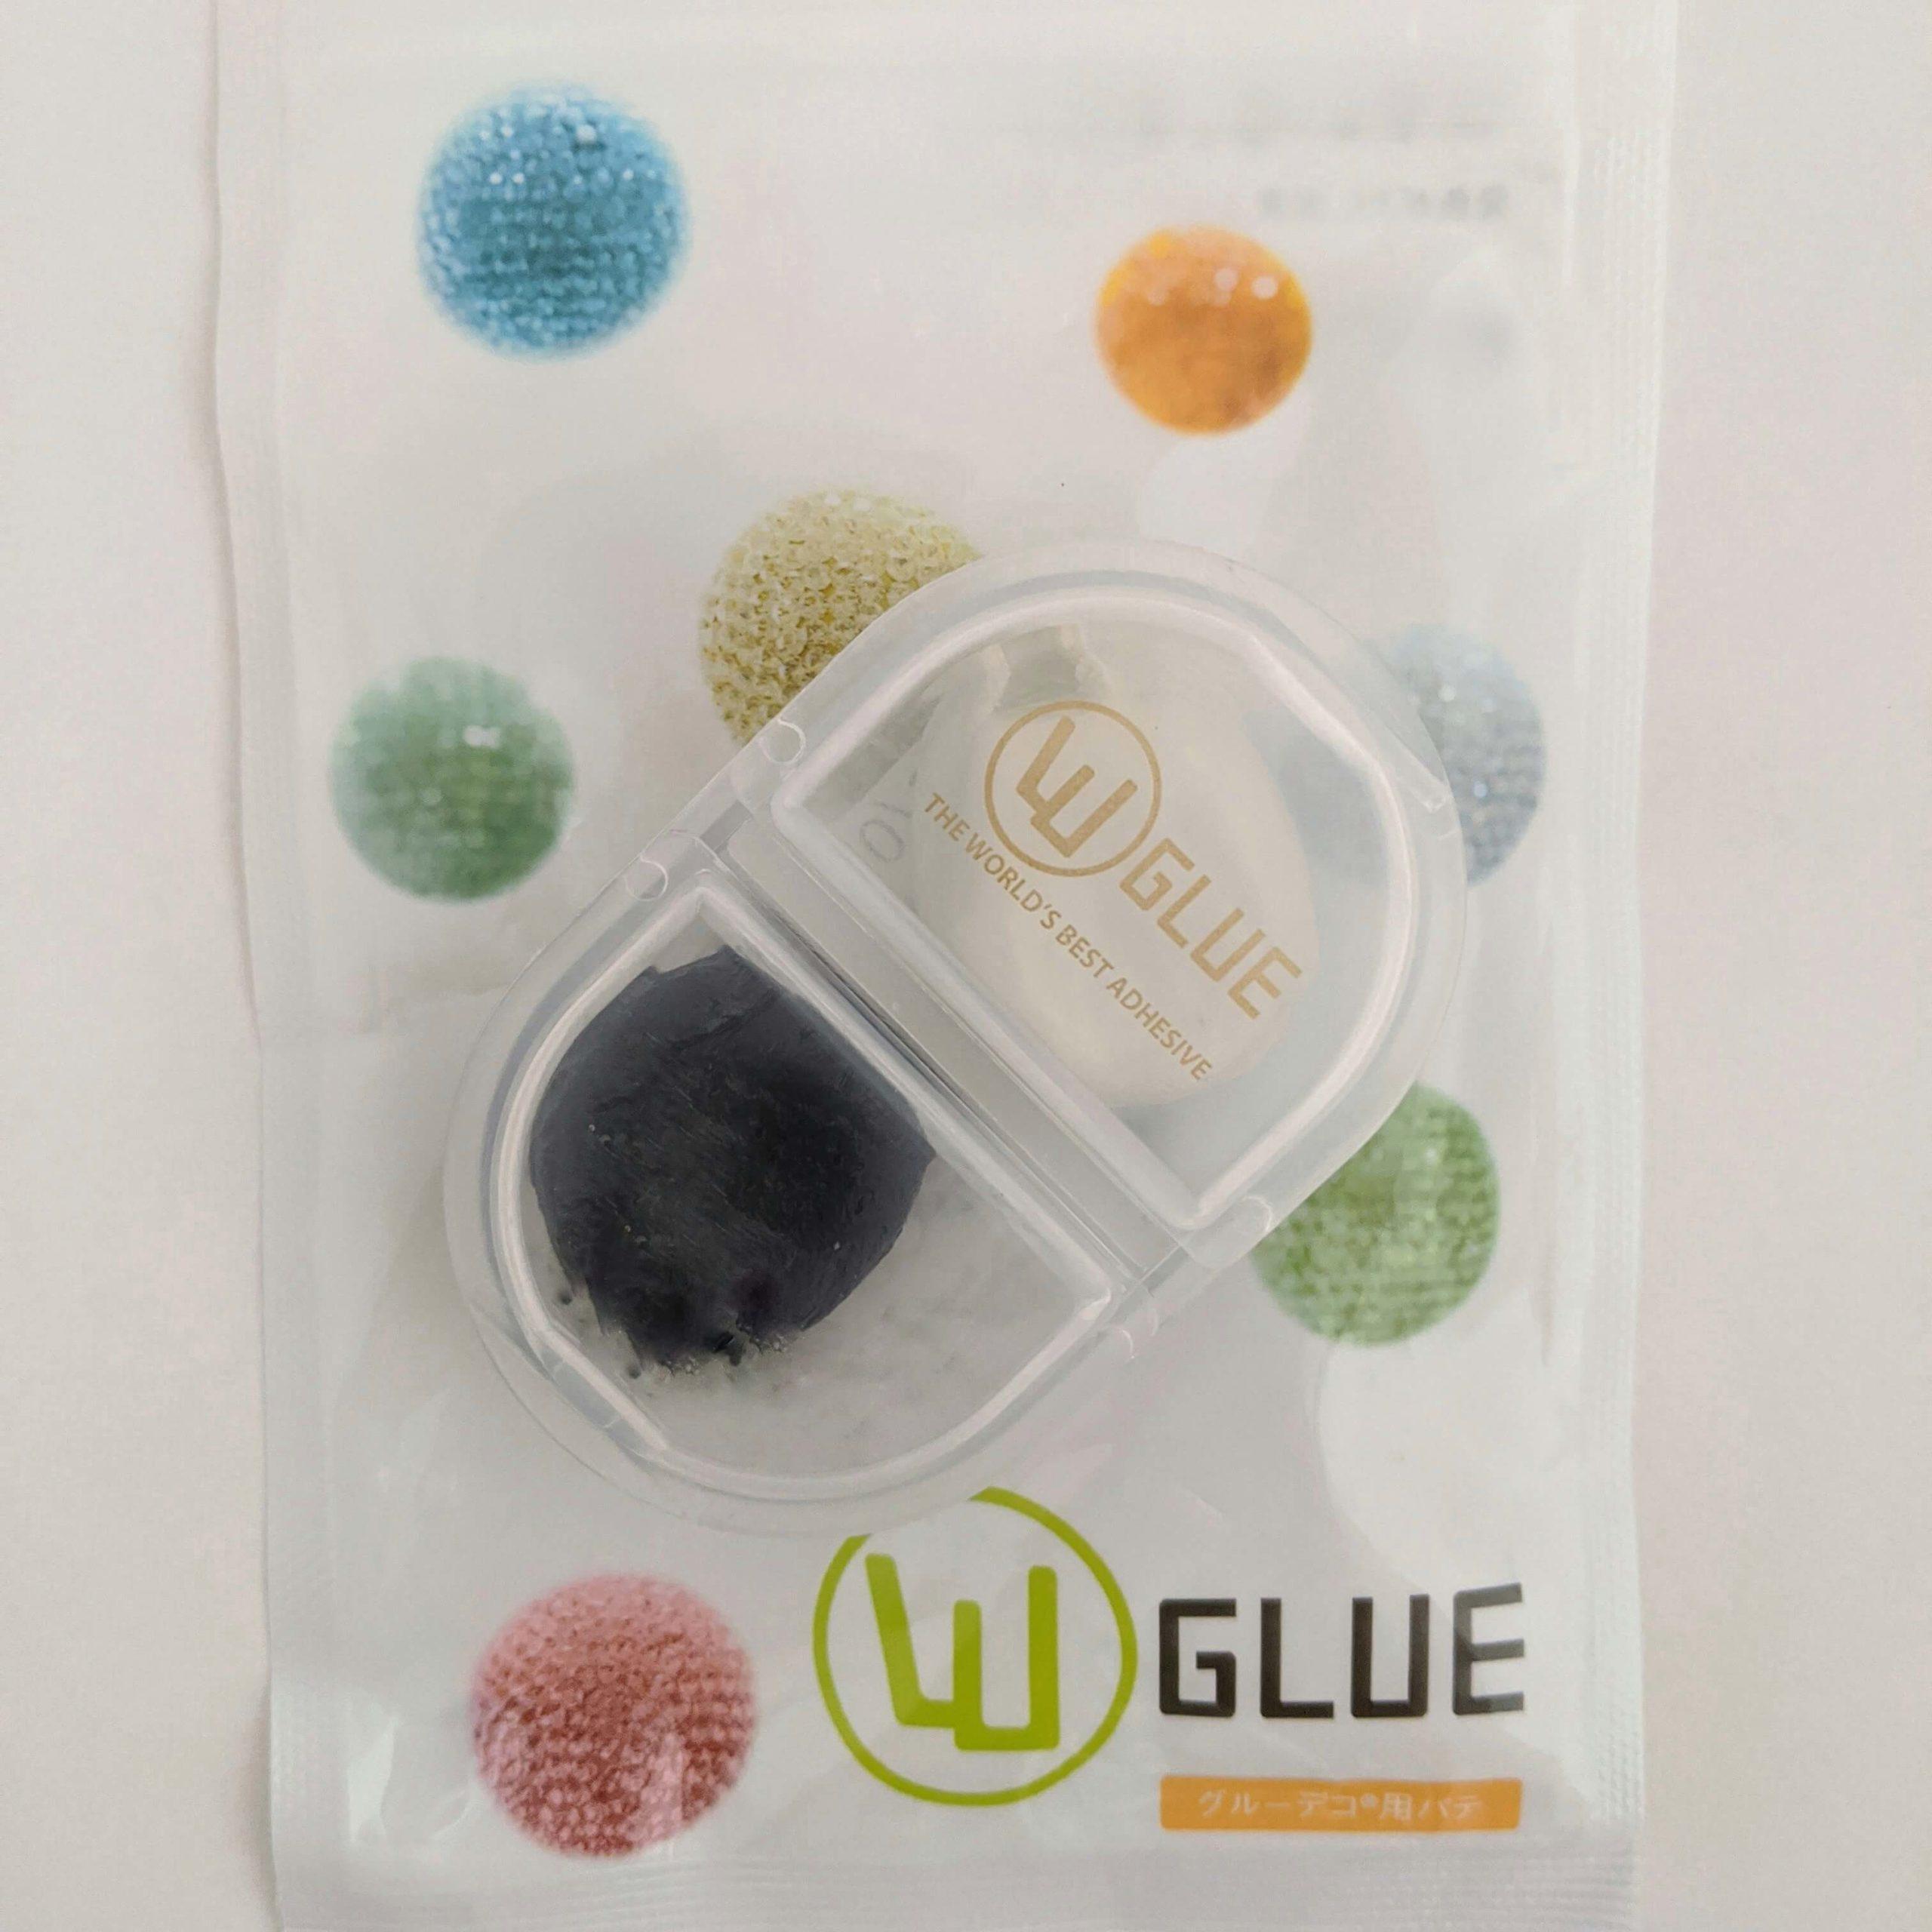 グルーデコを作る際に使う、日本グルーデコ協会が推奨している発色の良い粘土